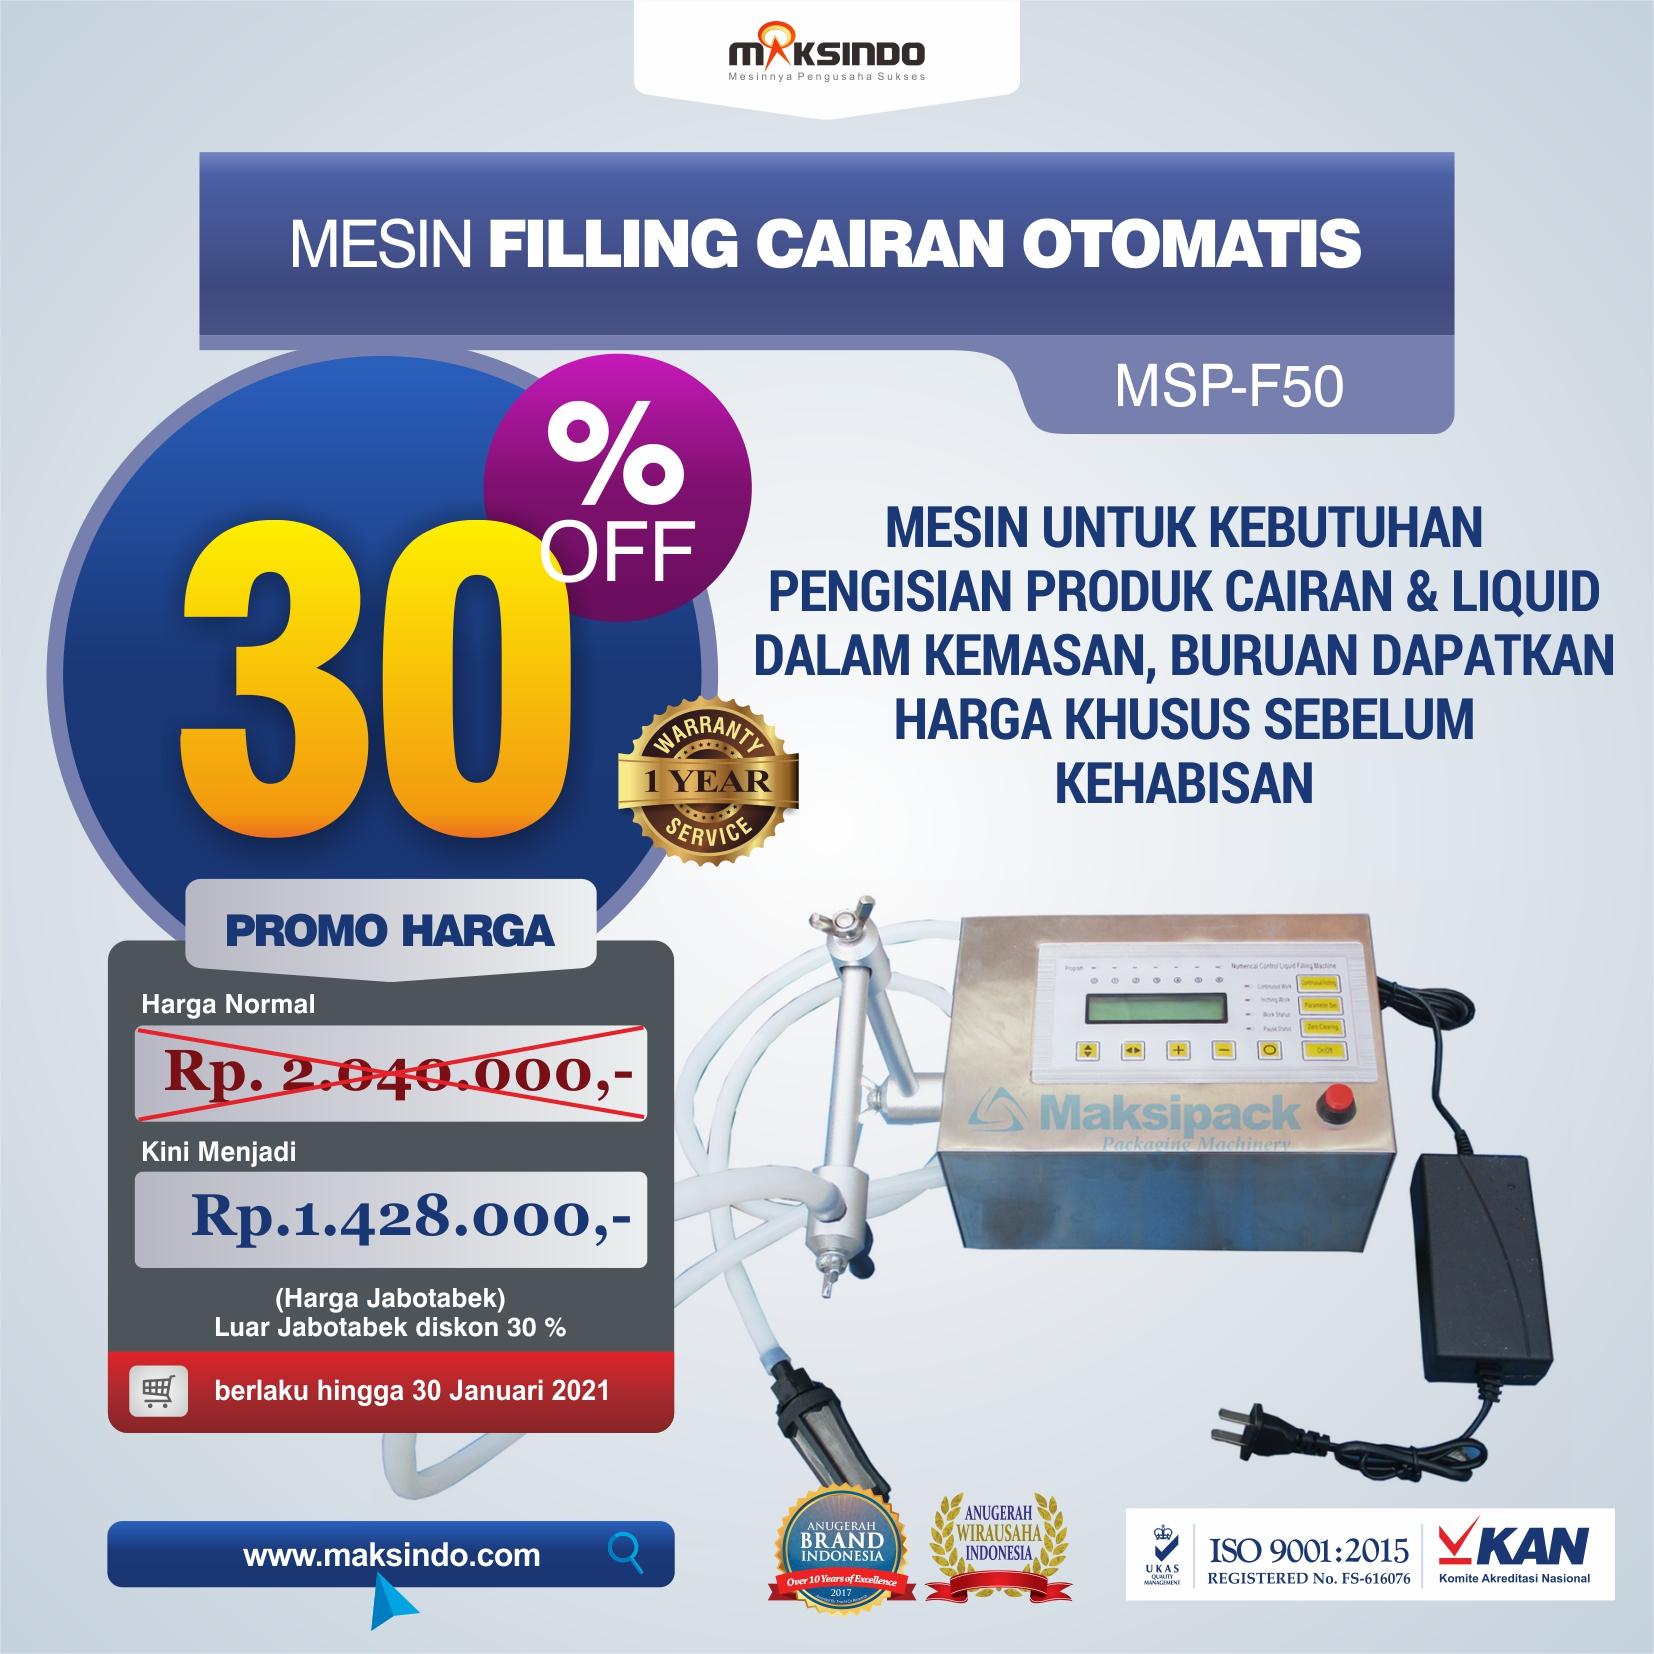 Jual Mesin Filling Cairan Otomatis MSP-F50 di Yogyakarta